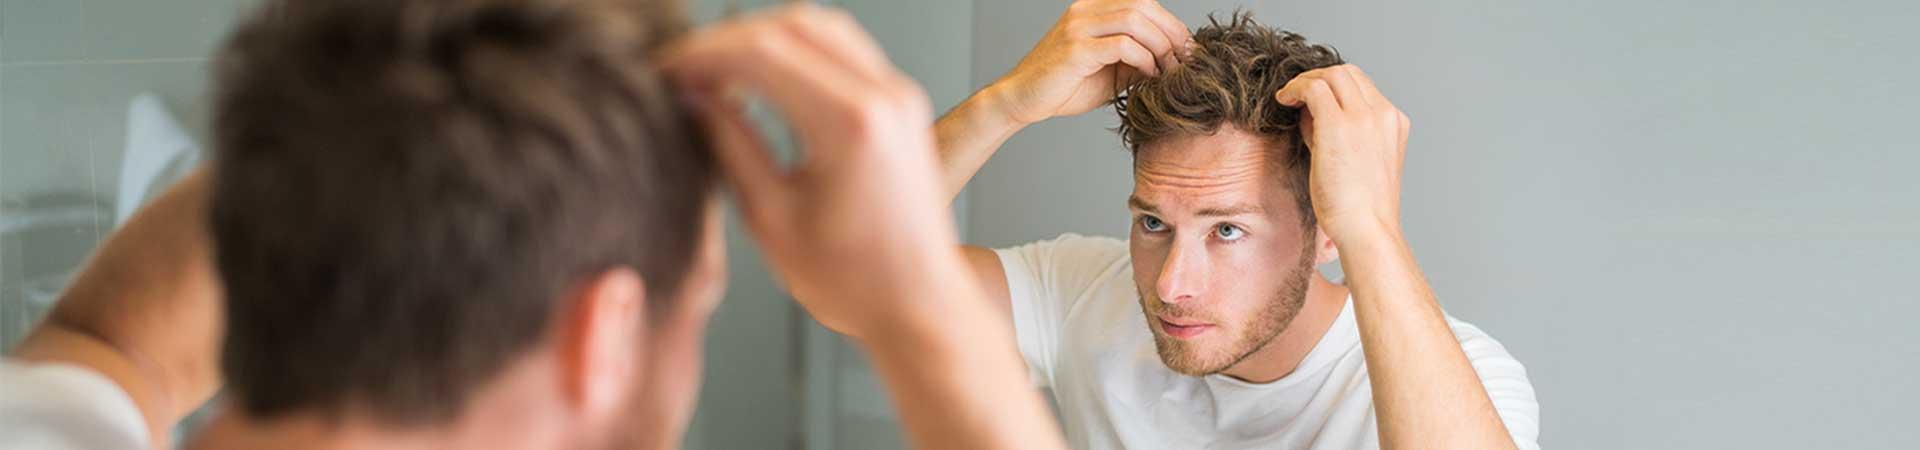 Behandlungen gegen Haarausfall – Allgemeine Information